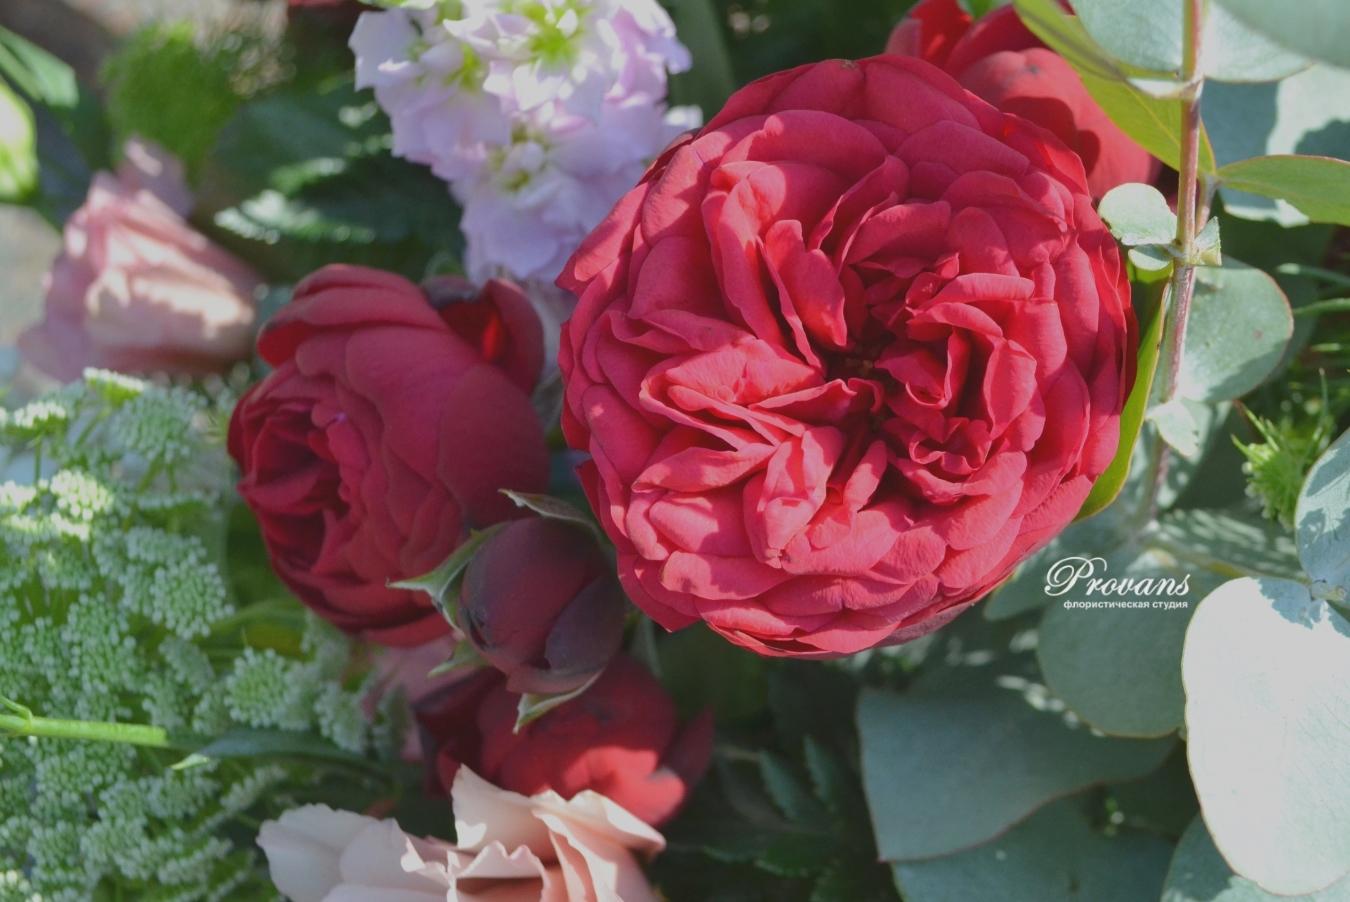 Букет на день рождения. Пионовидная роза, эустома, ягоды